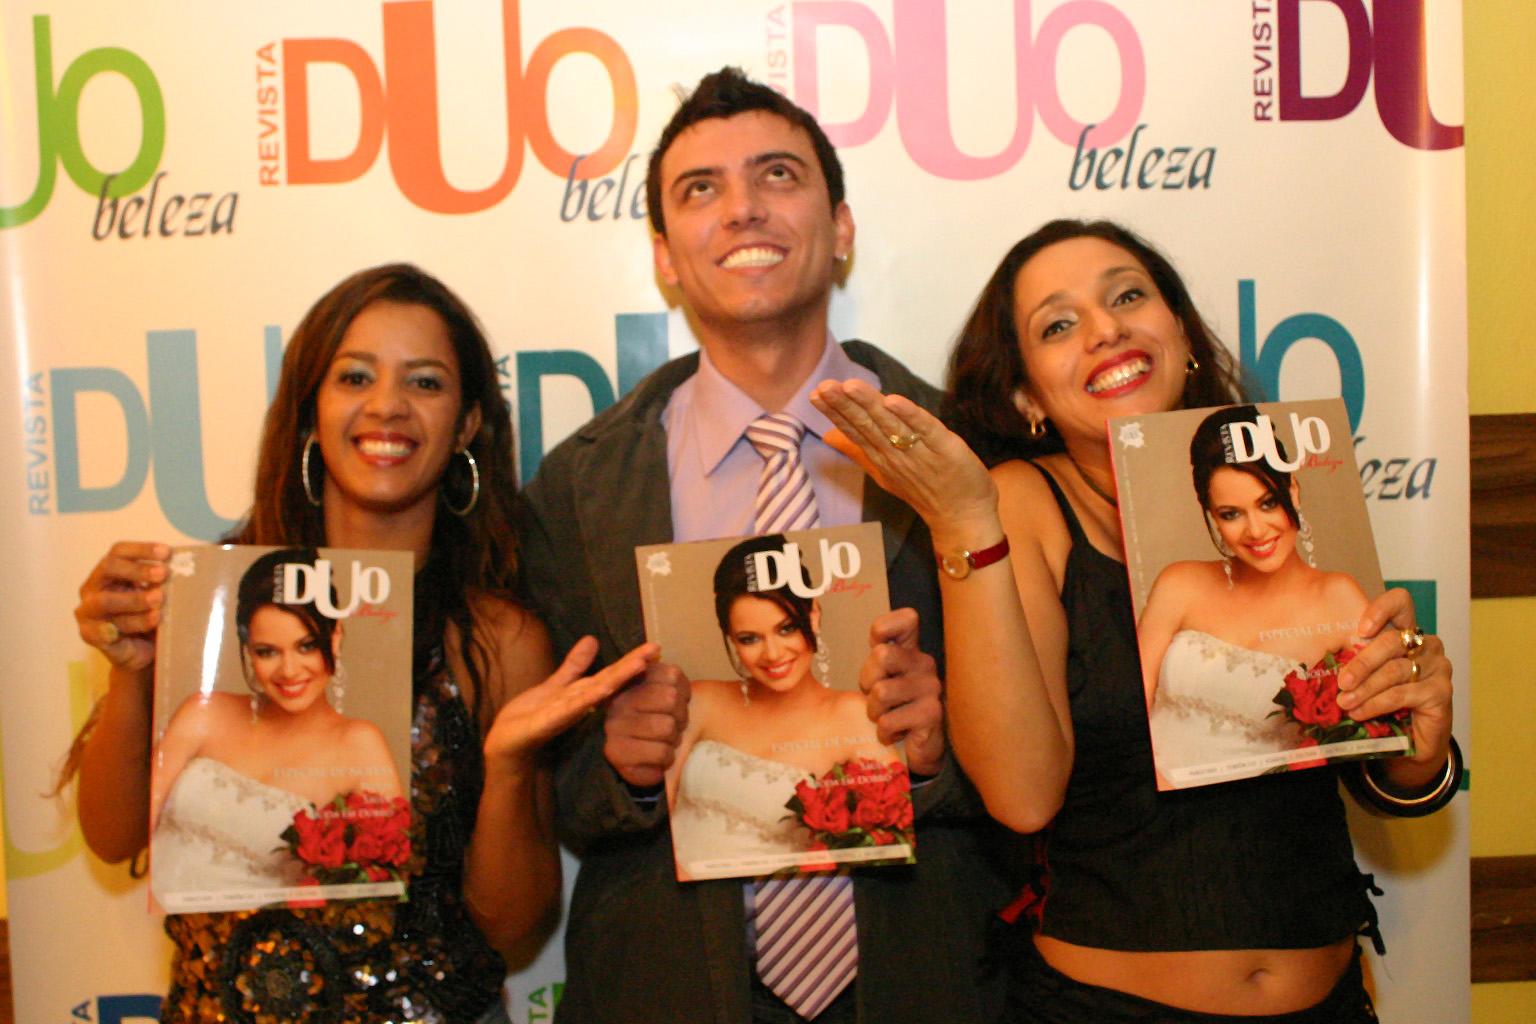 http://1.bp.blogspot.com/_kOQi7c9v0kA/S8NTYkrNWHI/AAAAAAAAA38/LOeHTqci4-o/s1600/TONI+FURTADO+E+VALERIA.jpg